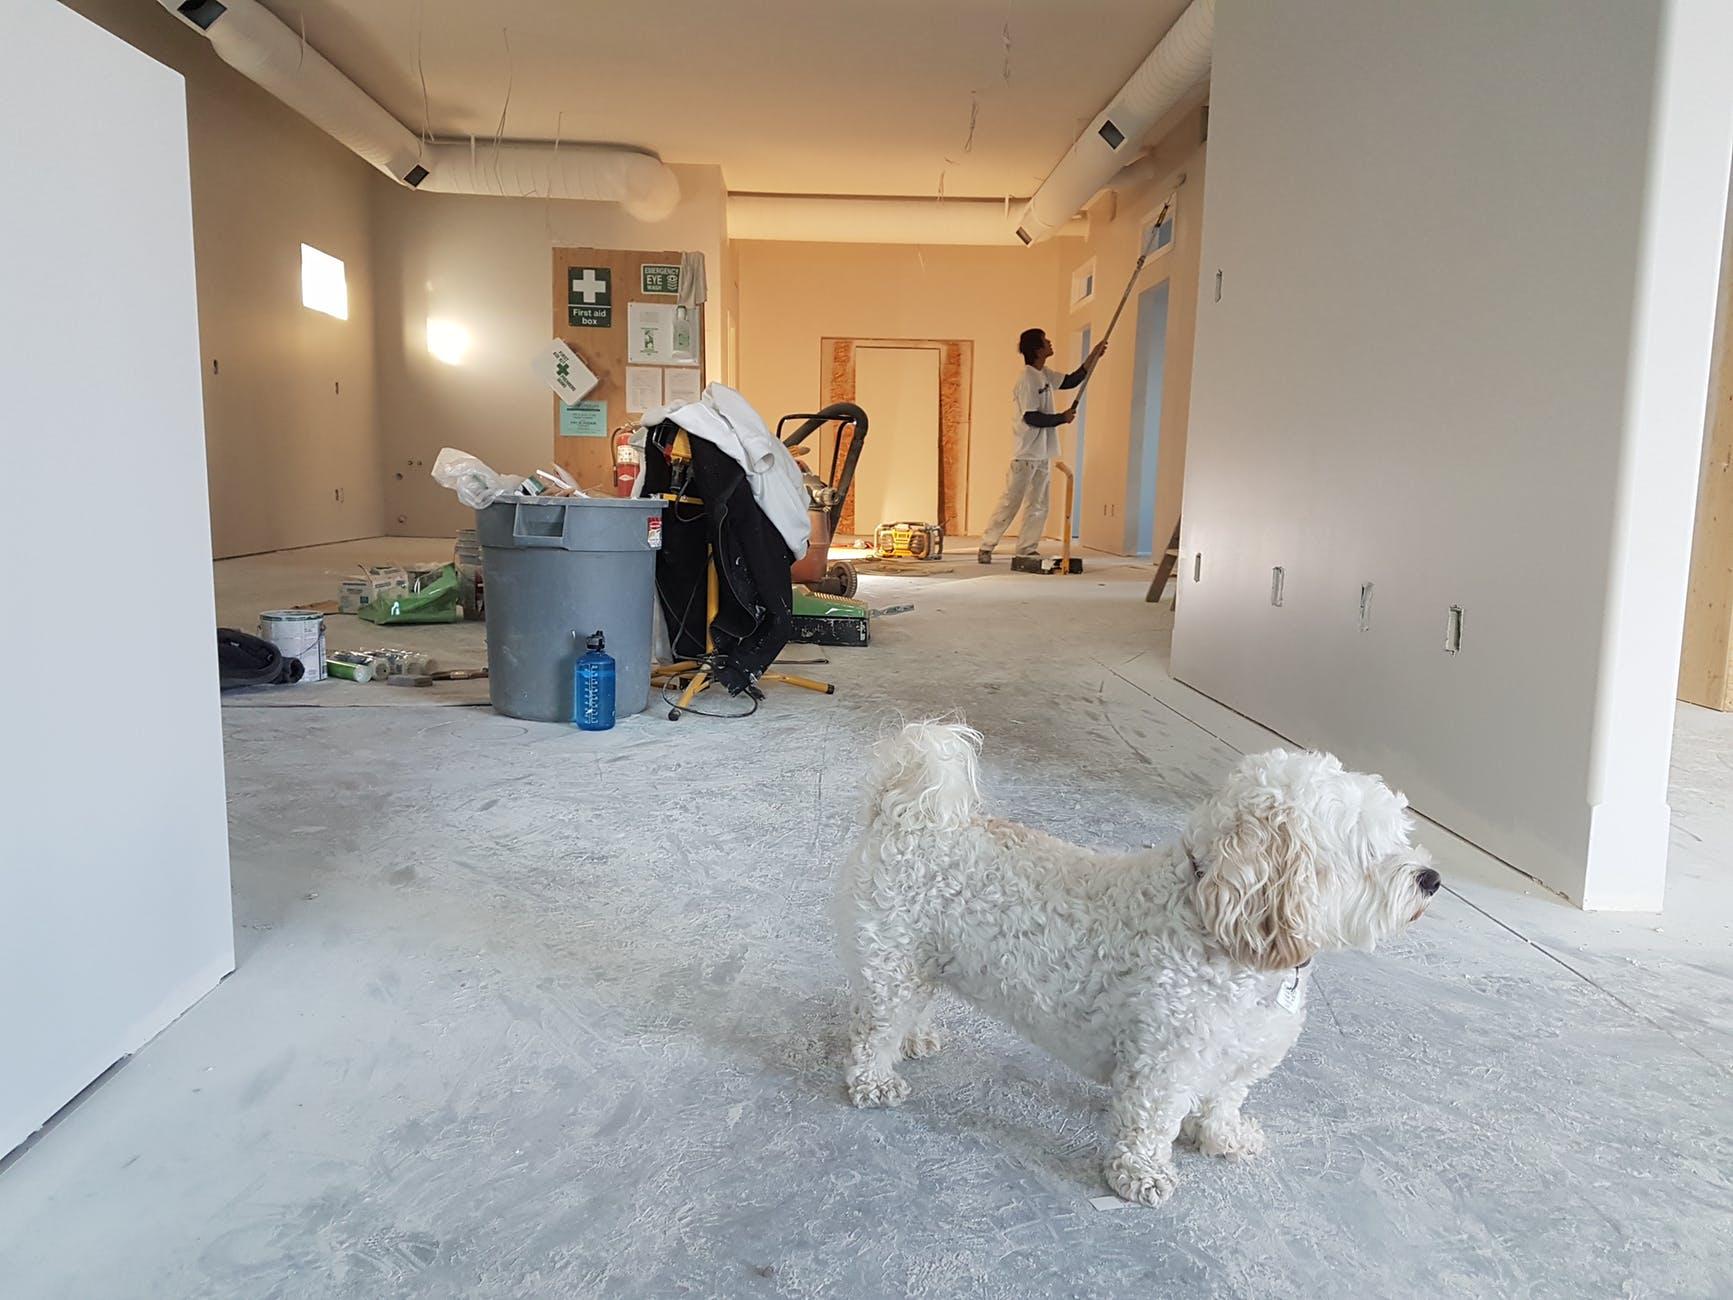 Жилищная «мистификация»: как коммерческое помещение превратить в квартиру?